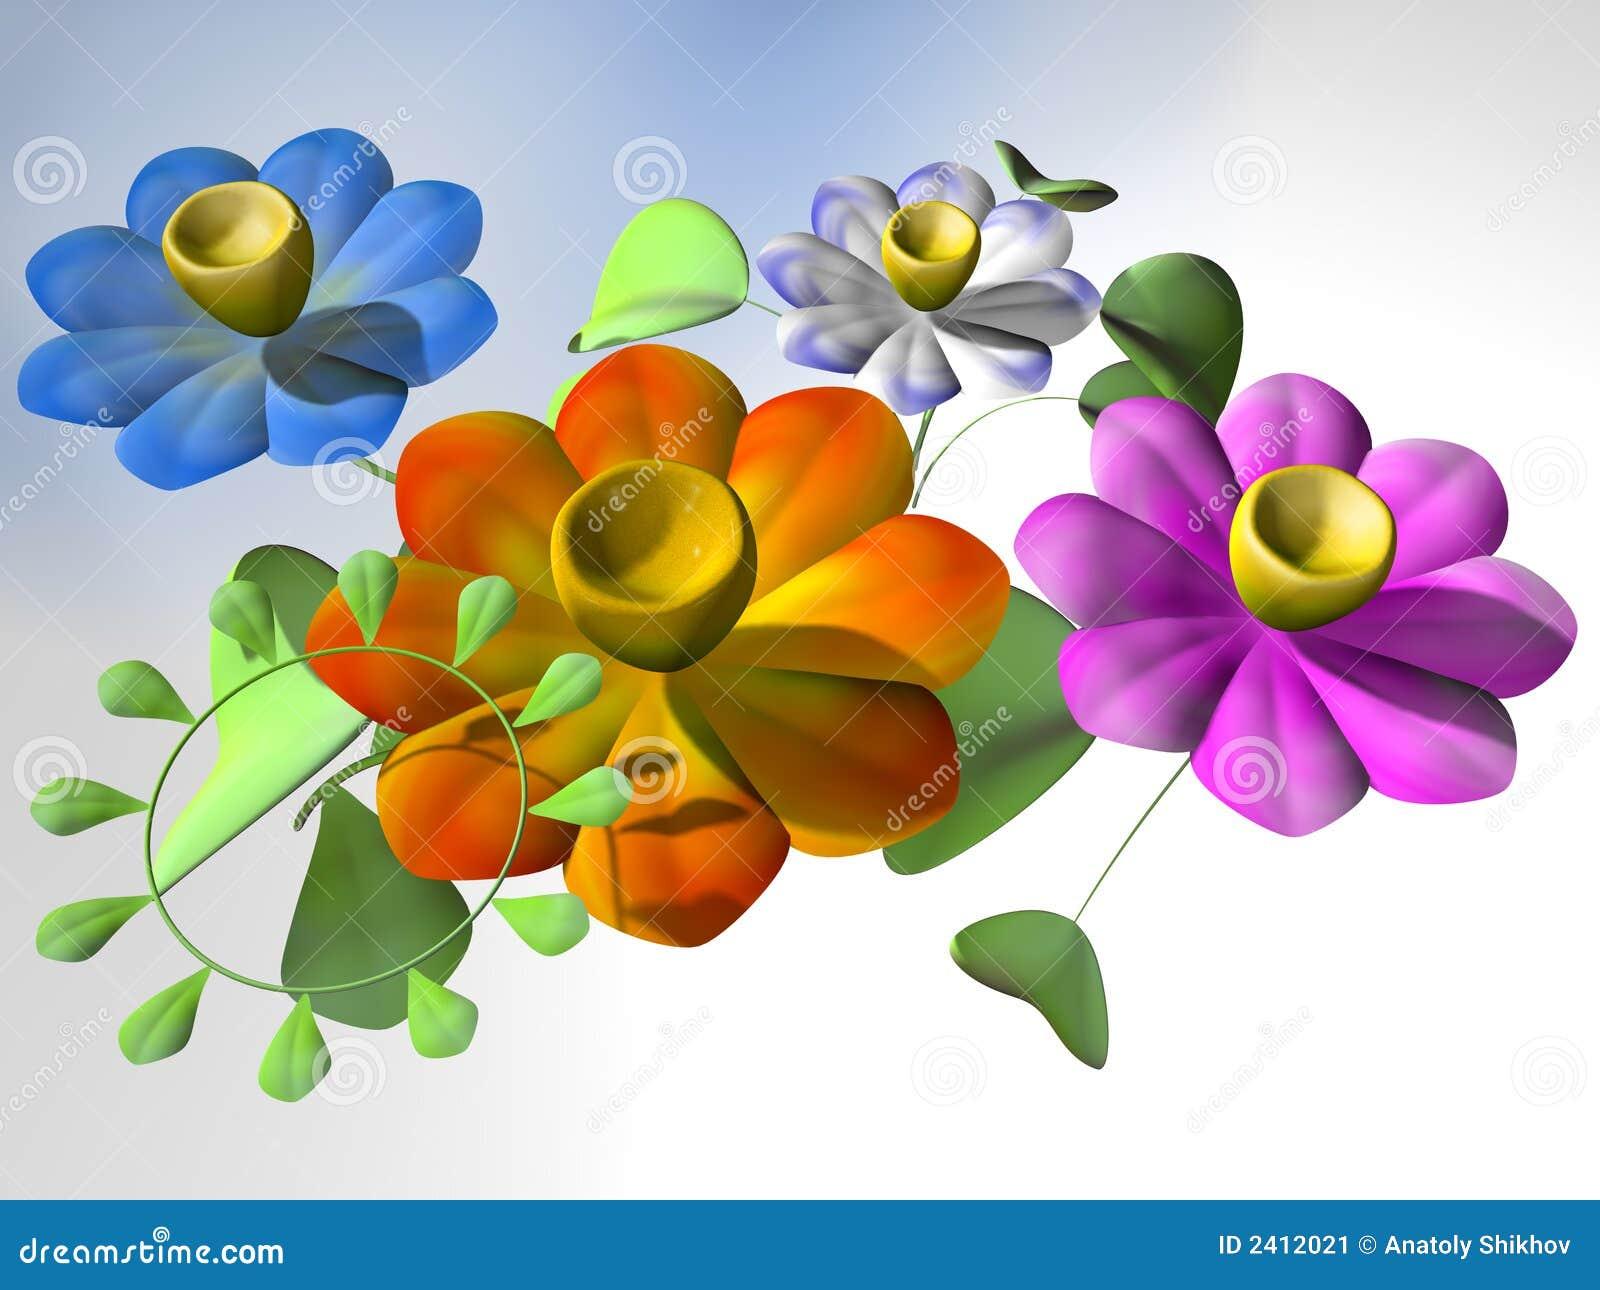 fiori psichedelici immagine stock immagine 2412021